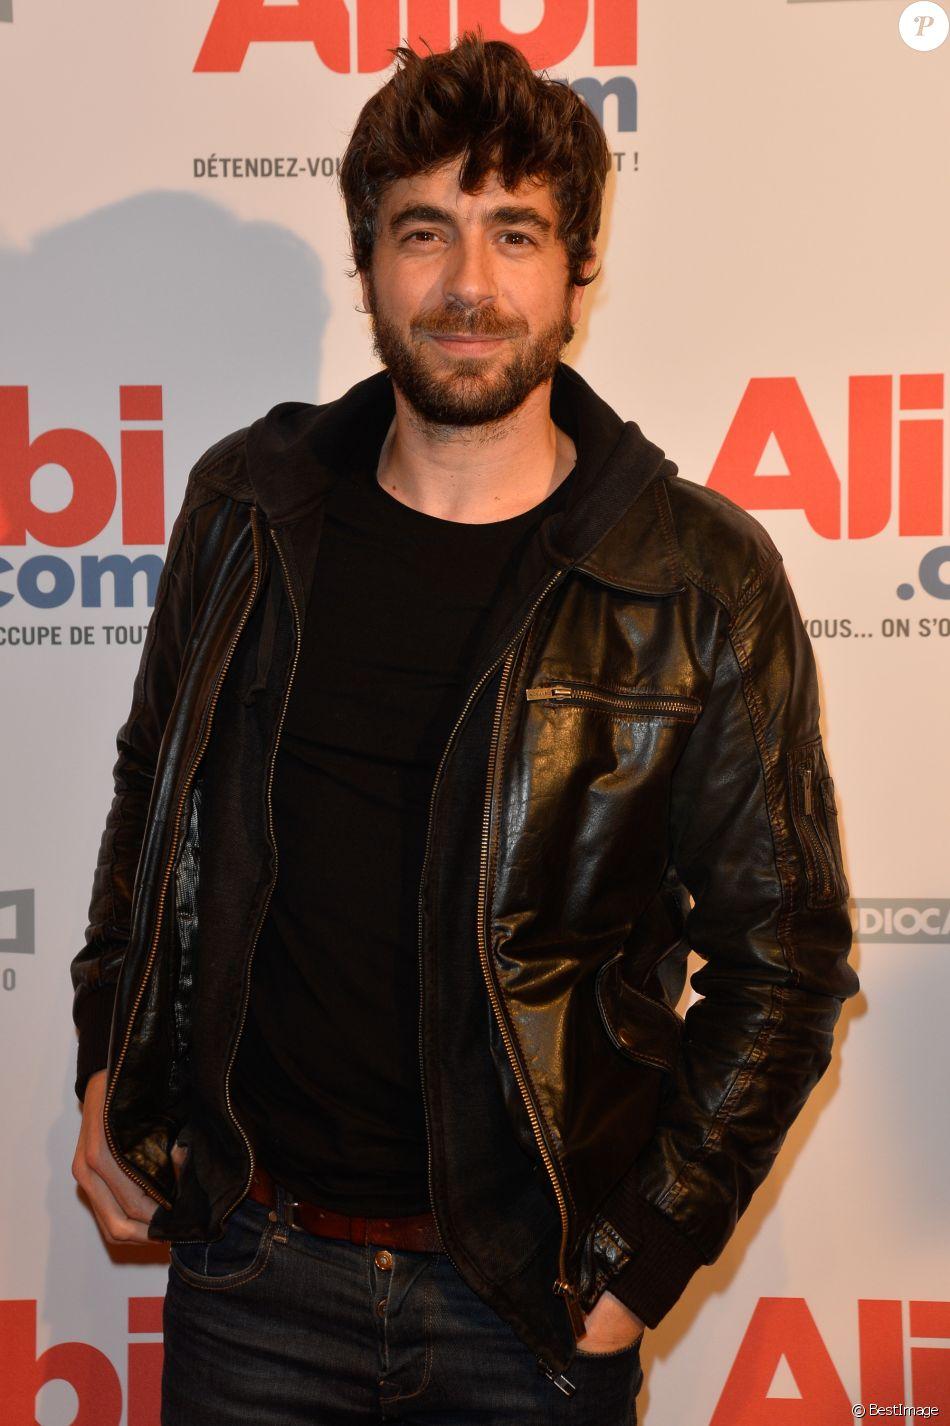 """Agustin Galiana - Avant-première du film """"Alibi.com"""" au cinéma Gaumont Opéra à Paris, le 31 janvier 2017."""